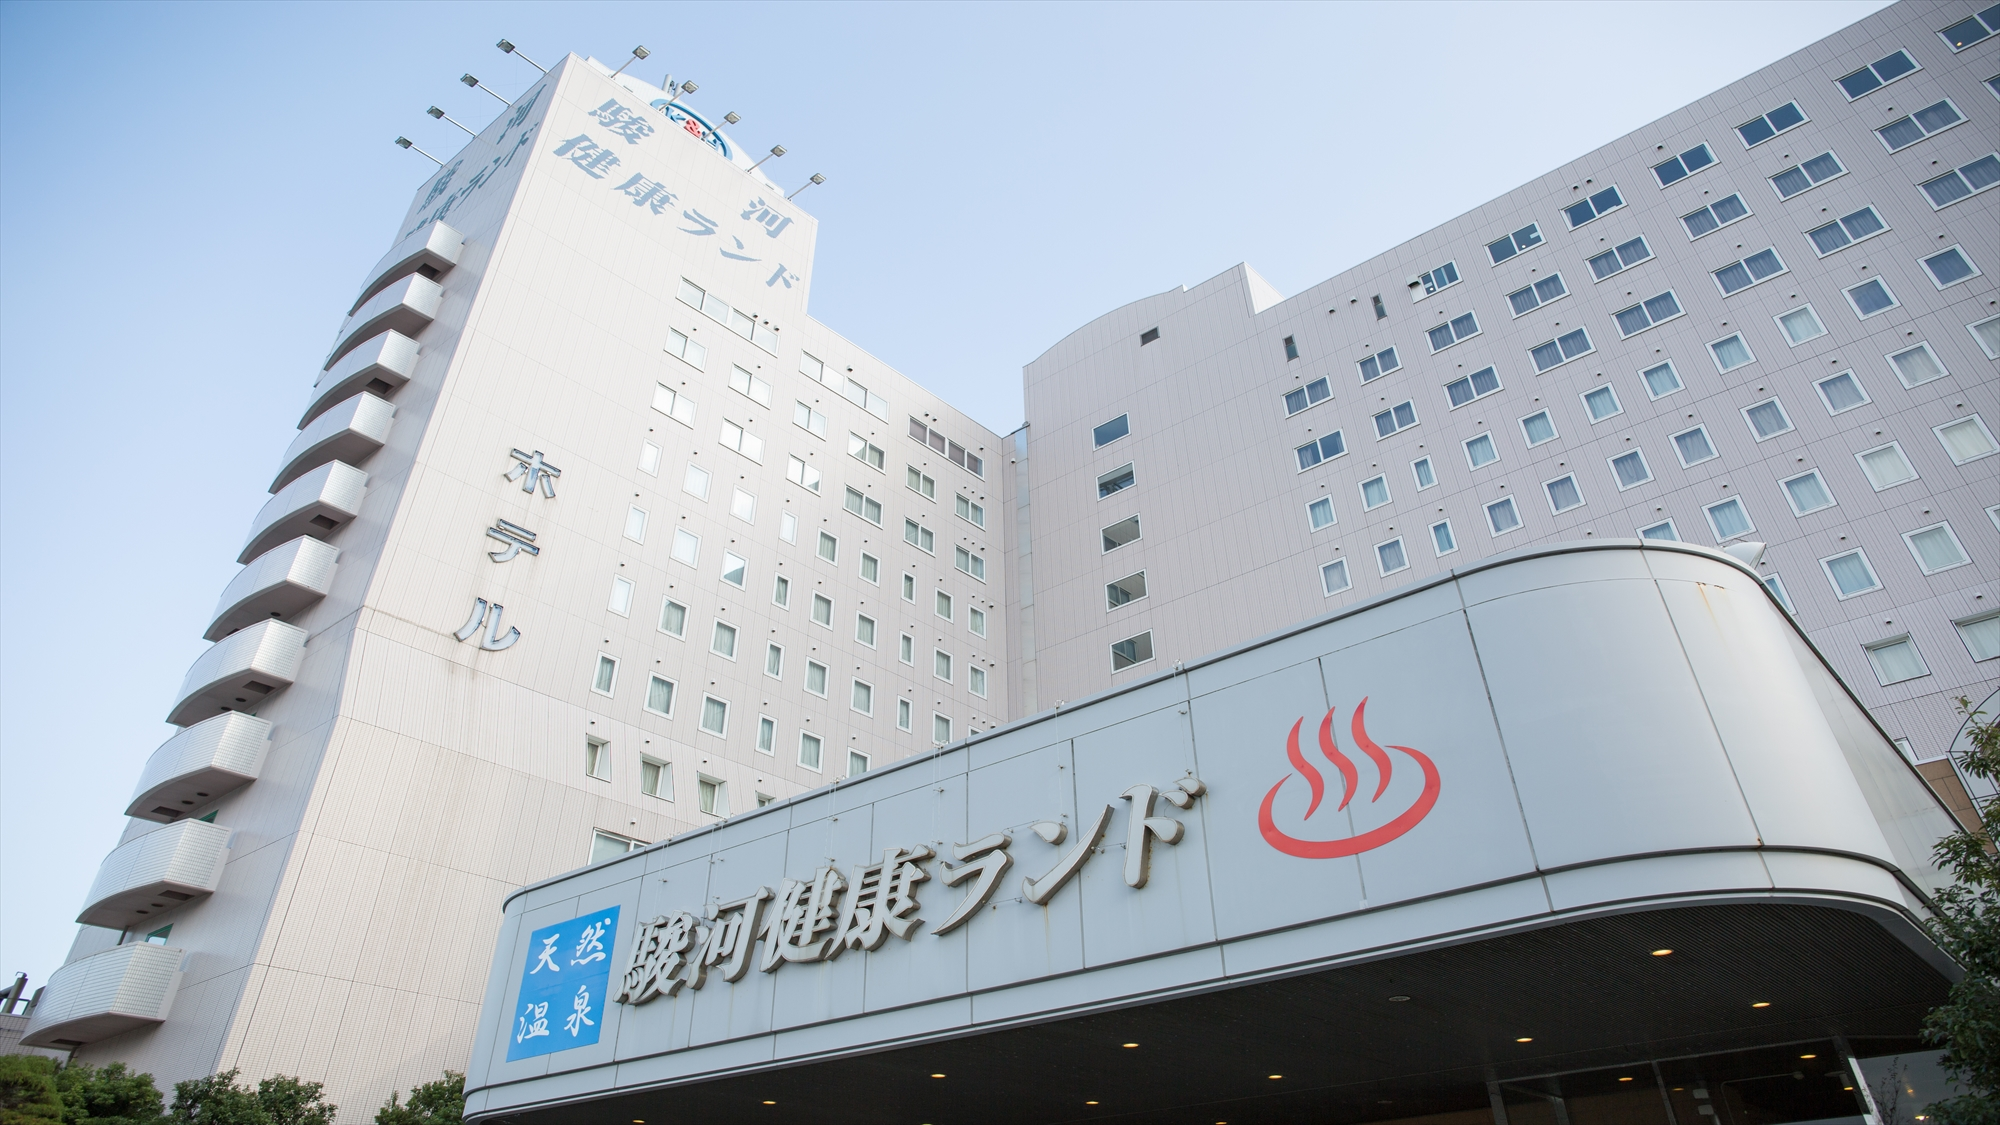 クア&ホテル駿河 健康ランド◆楽天トラベル